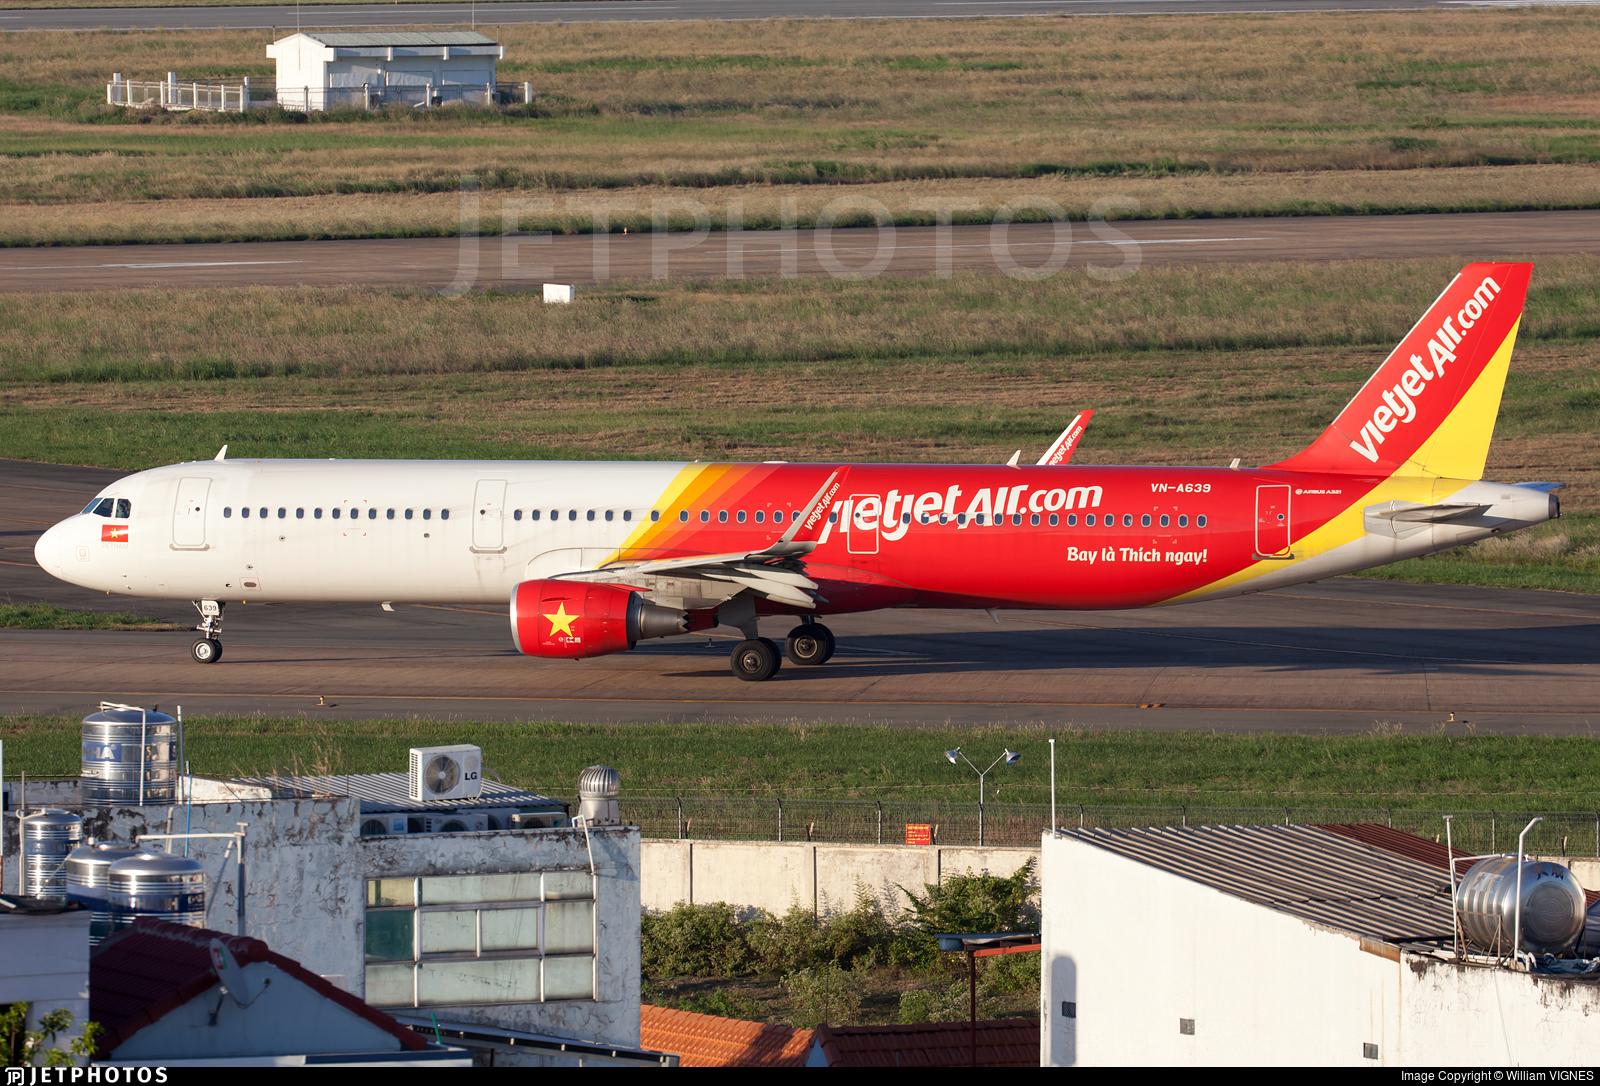 VN-A639 - Airbus A321-211 - VietJet Air